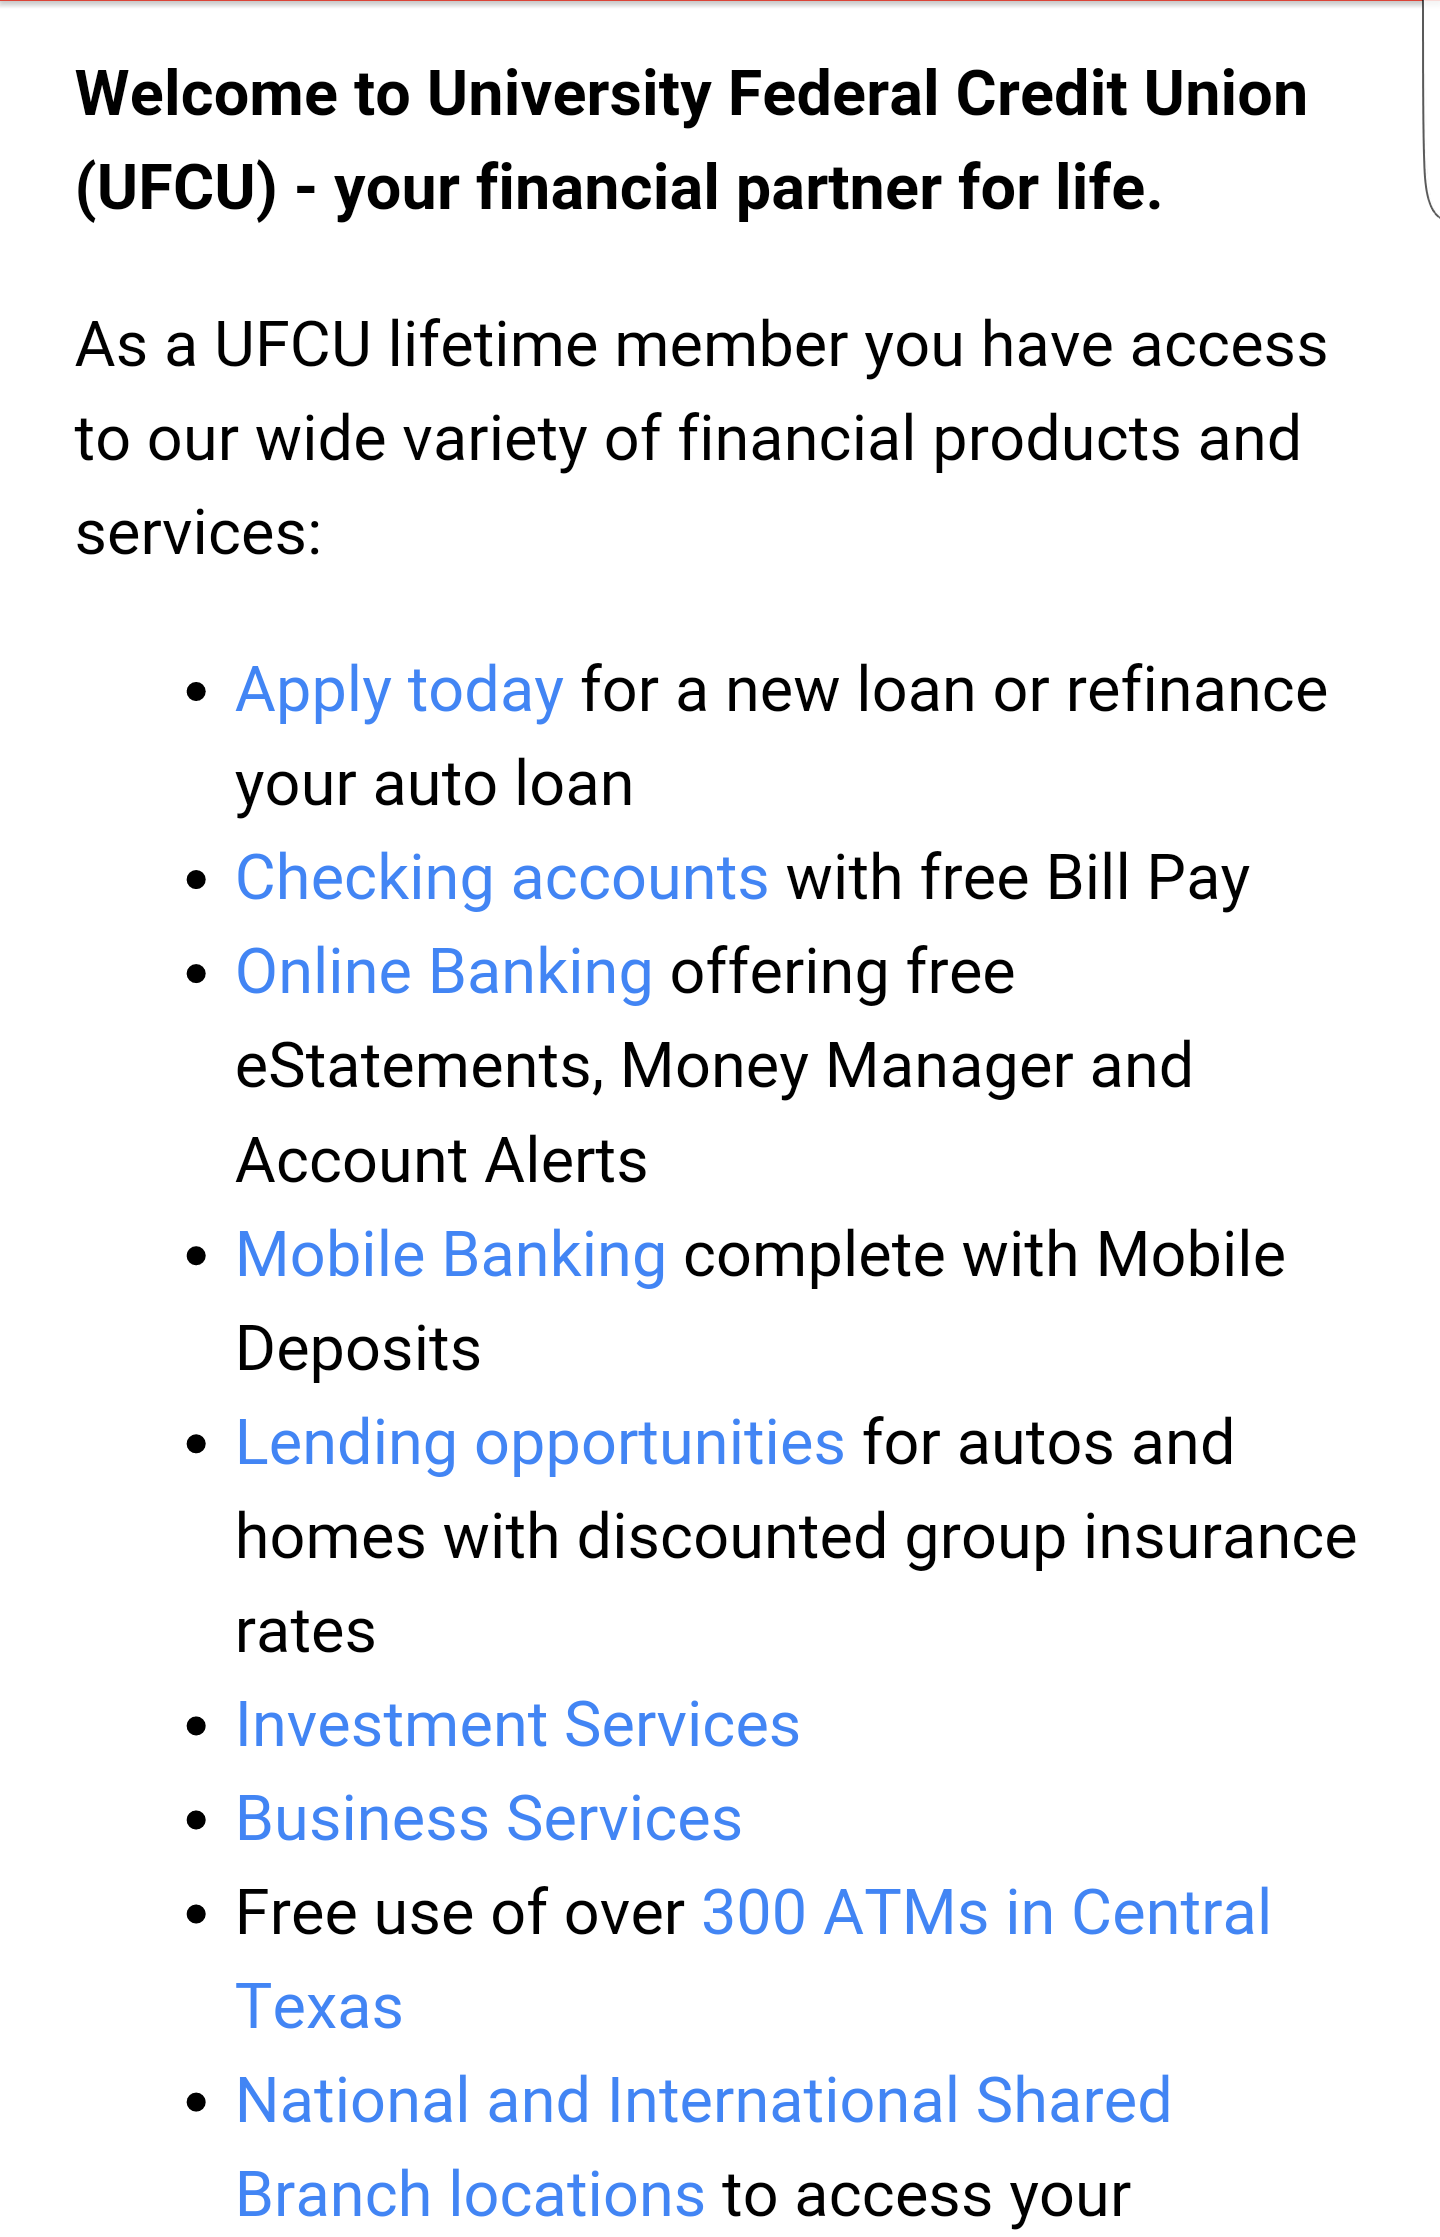 Quick cash loans in phoenix az picture 7